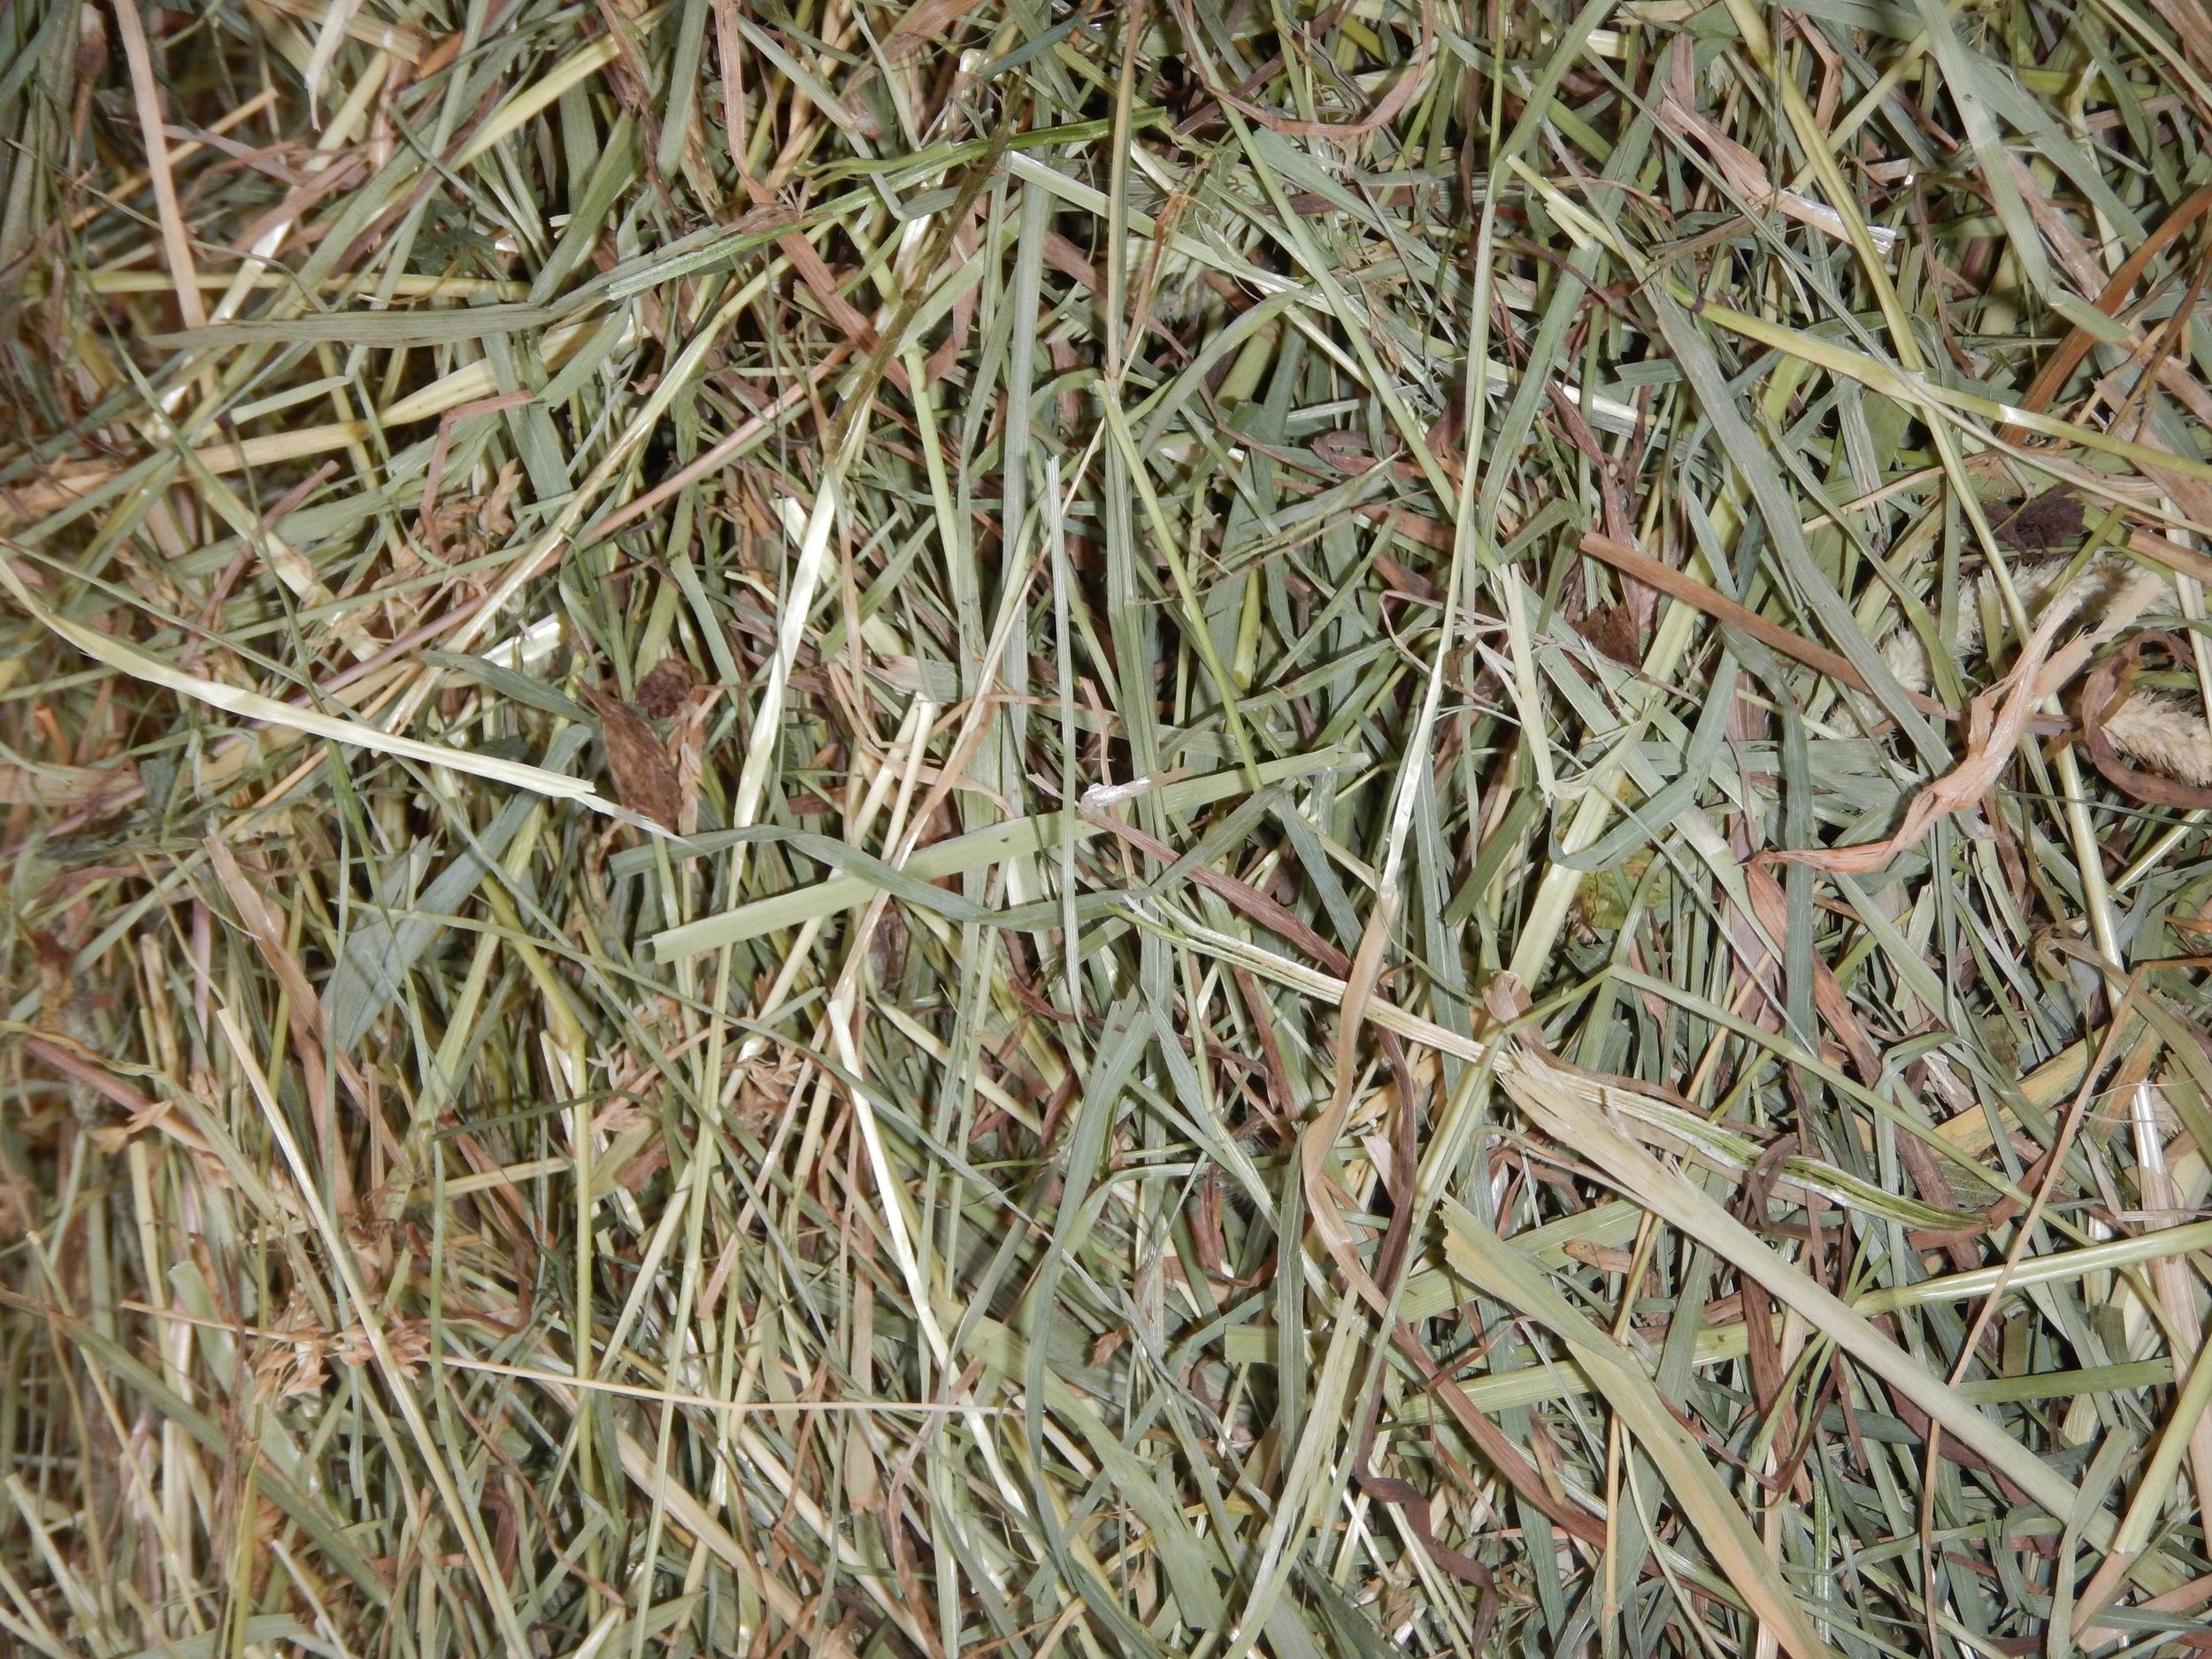 Medium/coarse hay.